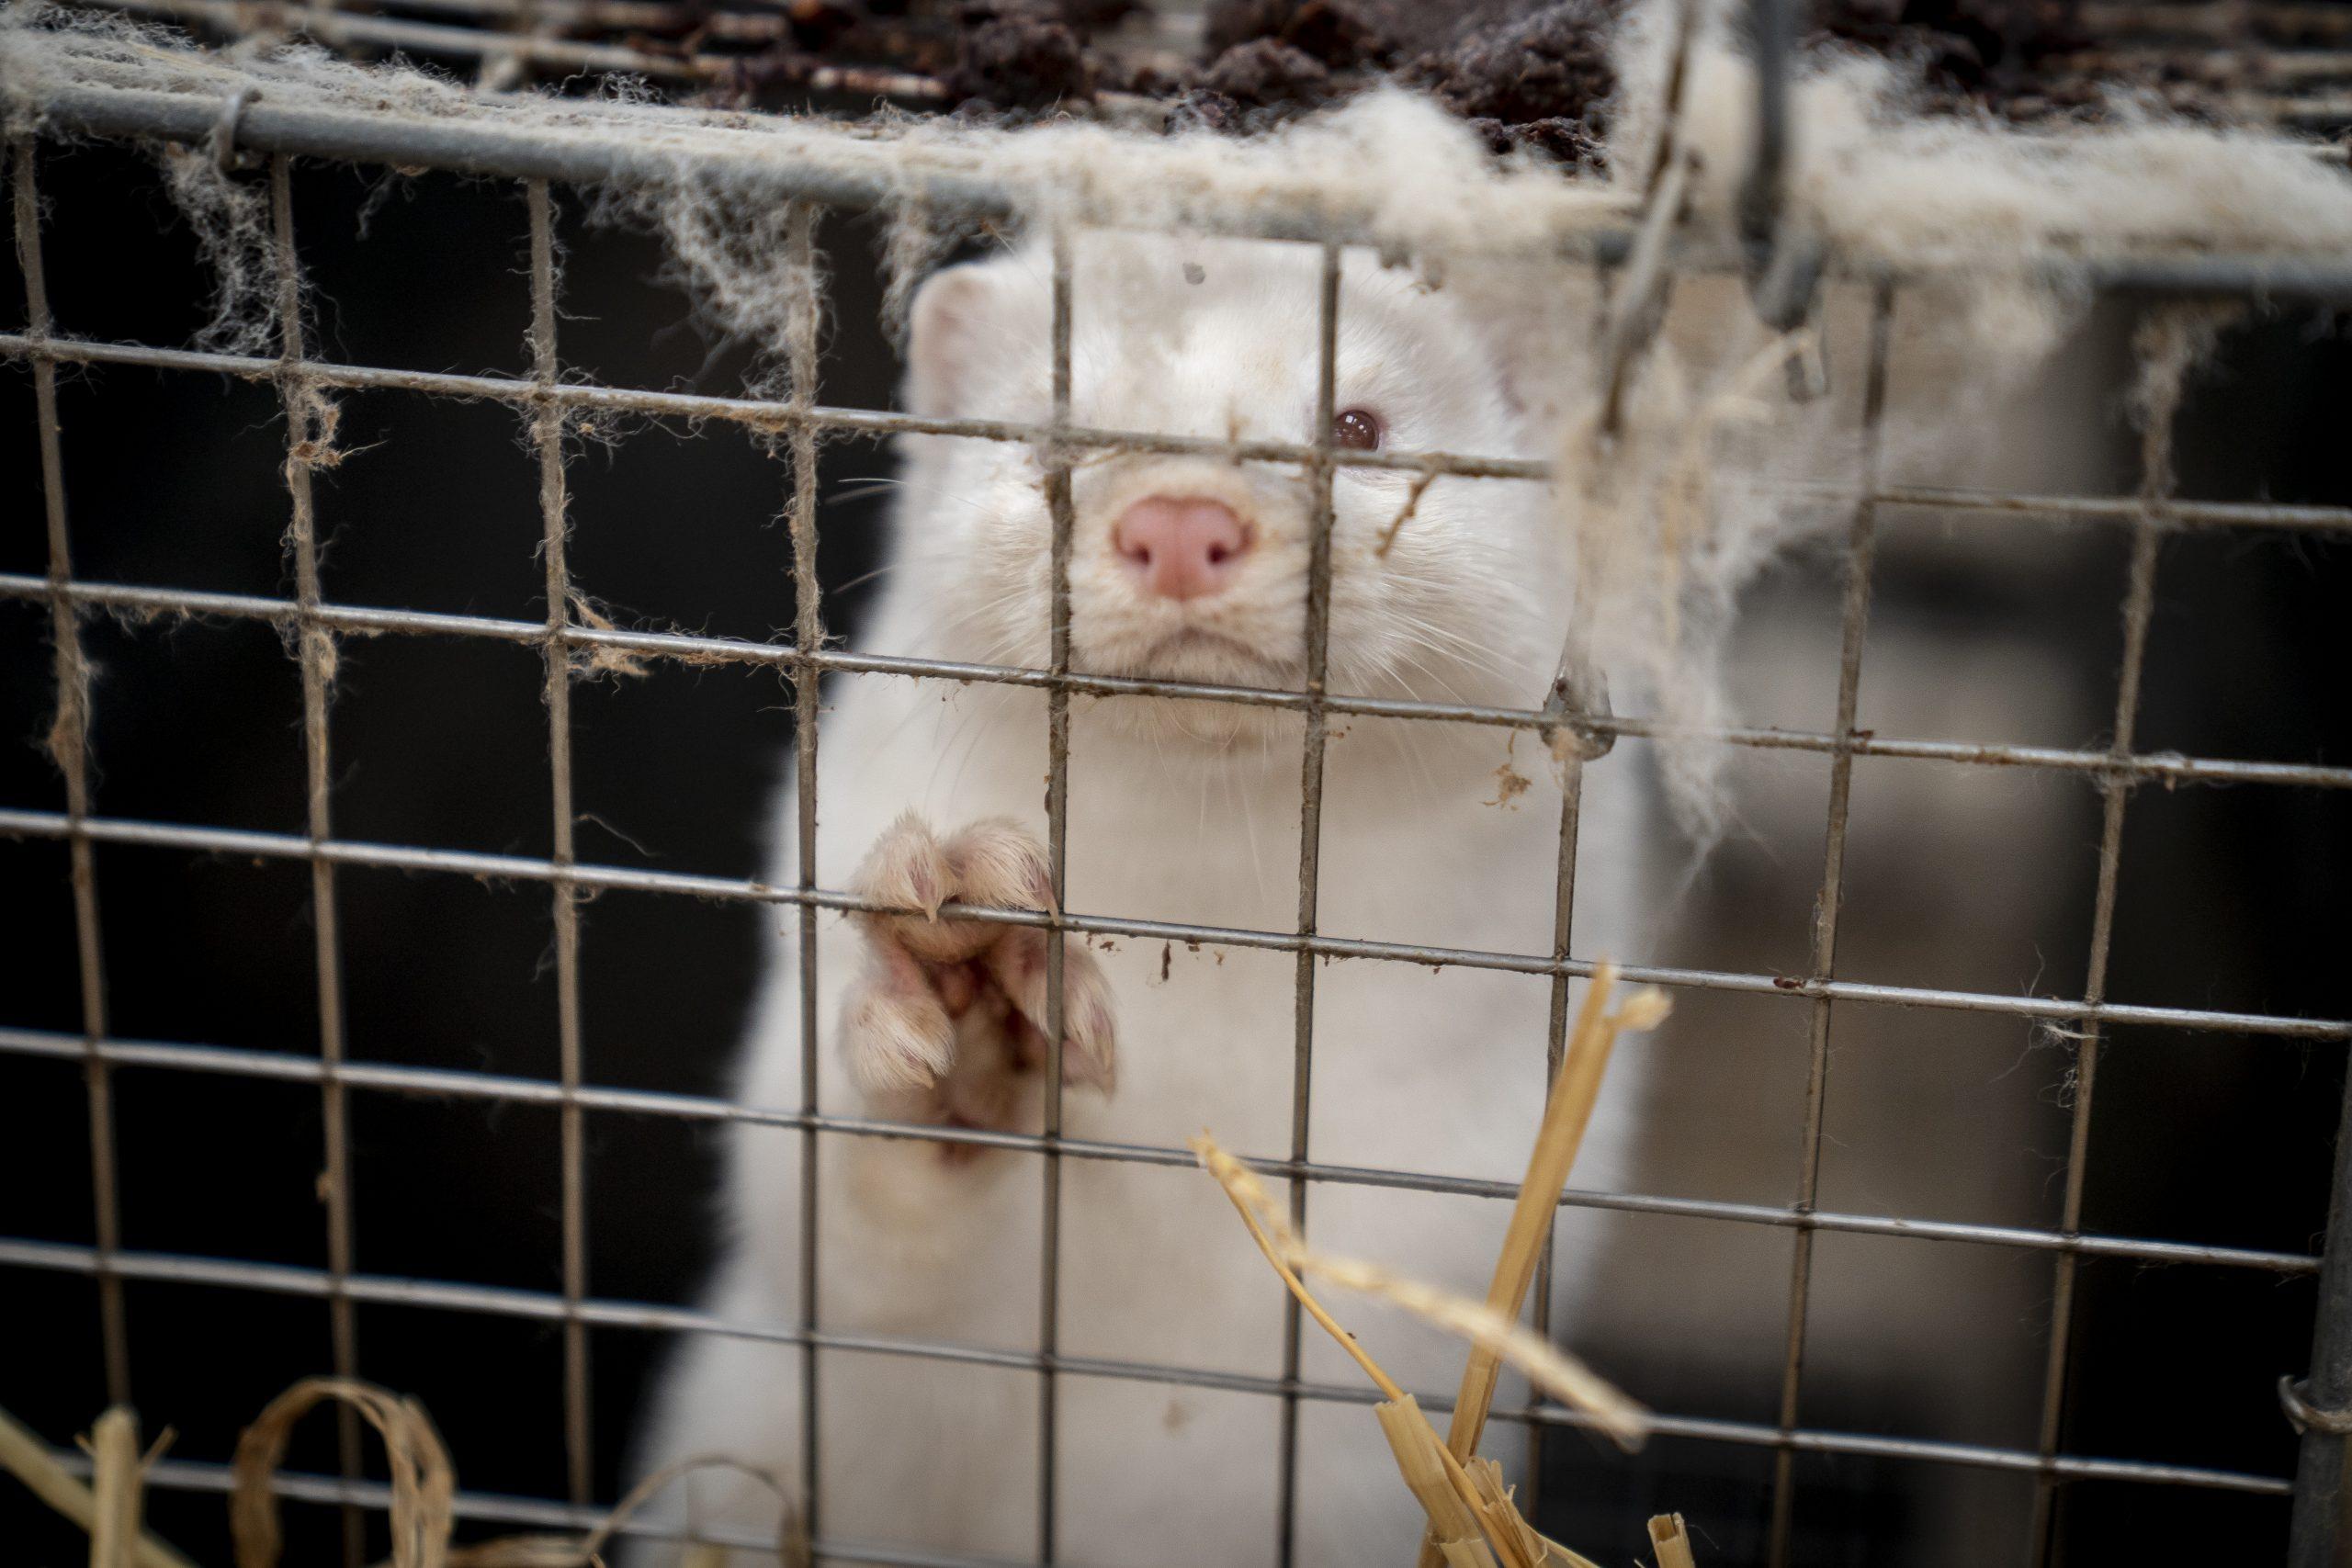 Vison em jaula na Dinamarca: estudo para saber como e por que os animais foram capazes de contrair o vírus e espalhar a doença Mads Claus Rasmussen / Ritzau Scanpix / AFP)